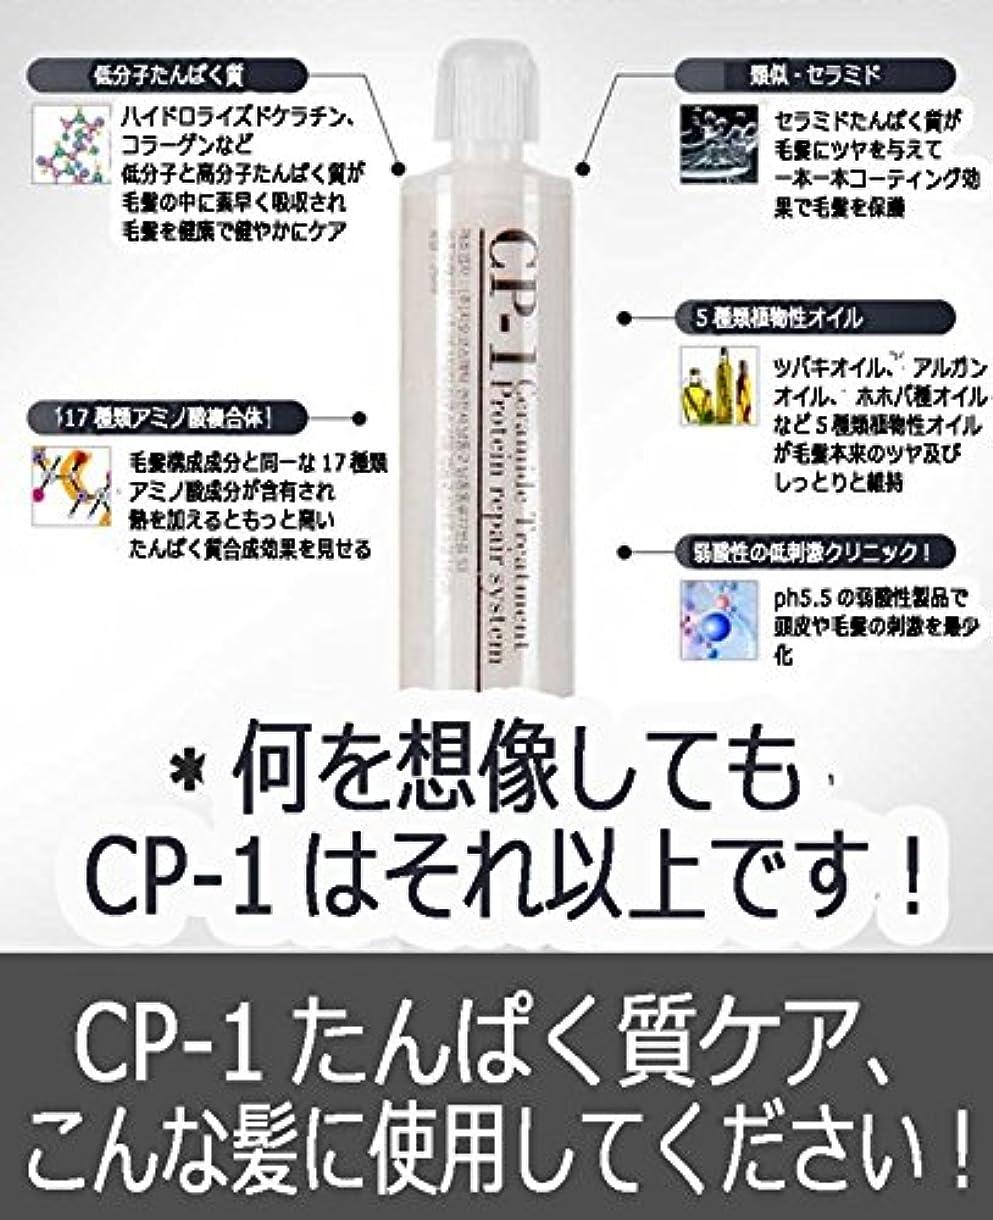 天文学警告雑草[CP-1 Protein 10pcs タンパク質&セラミド] ヘア?デザイナーが先ずお勧めするタンパク質クリニック!家で簡単タンパク質の施術で、高度なサロンケアを体験!【10個入り】